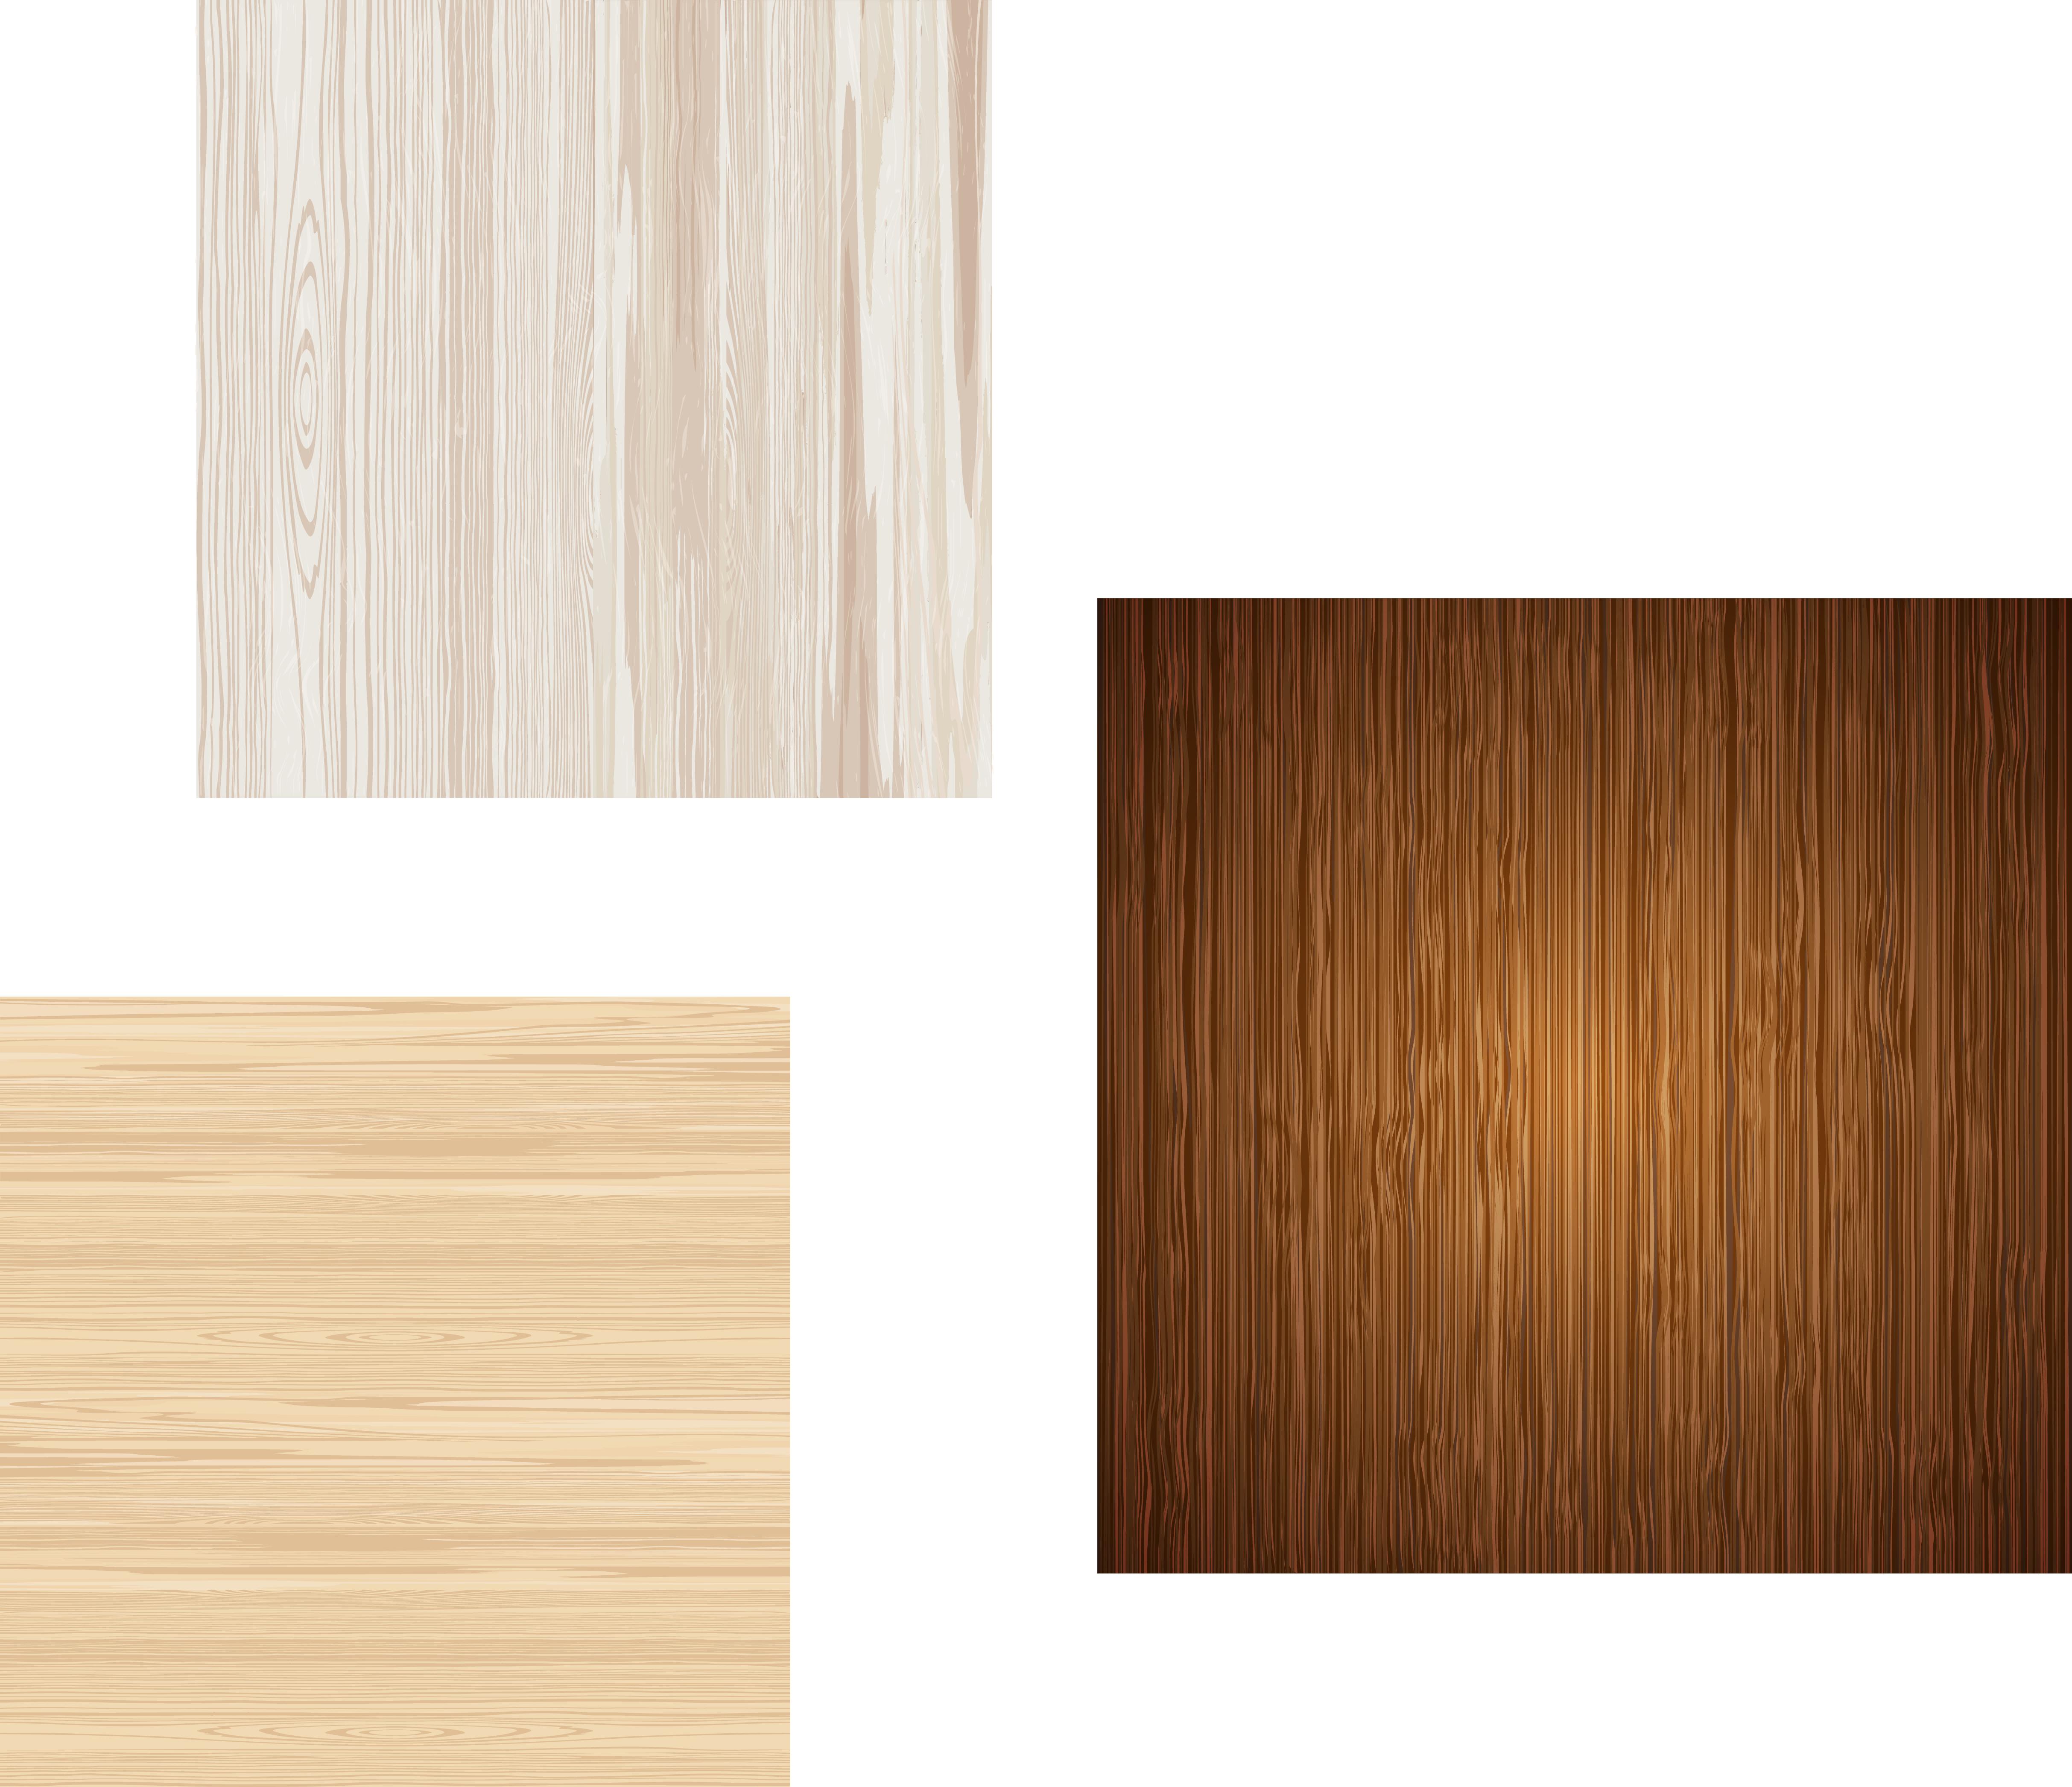 4853x4185 Wood Floor Plank